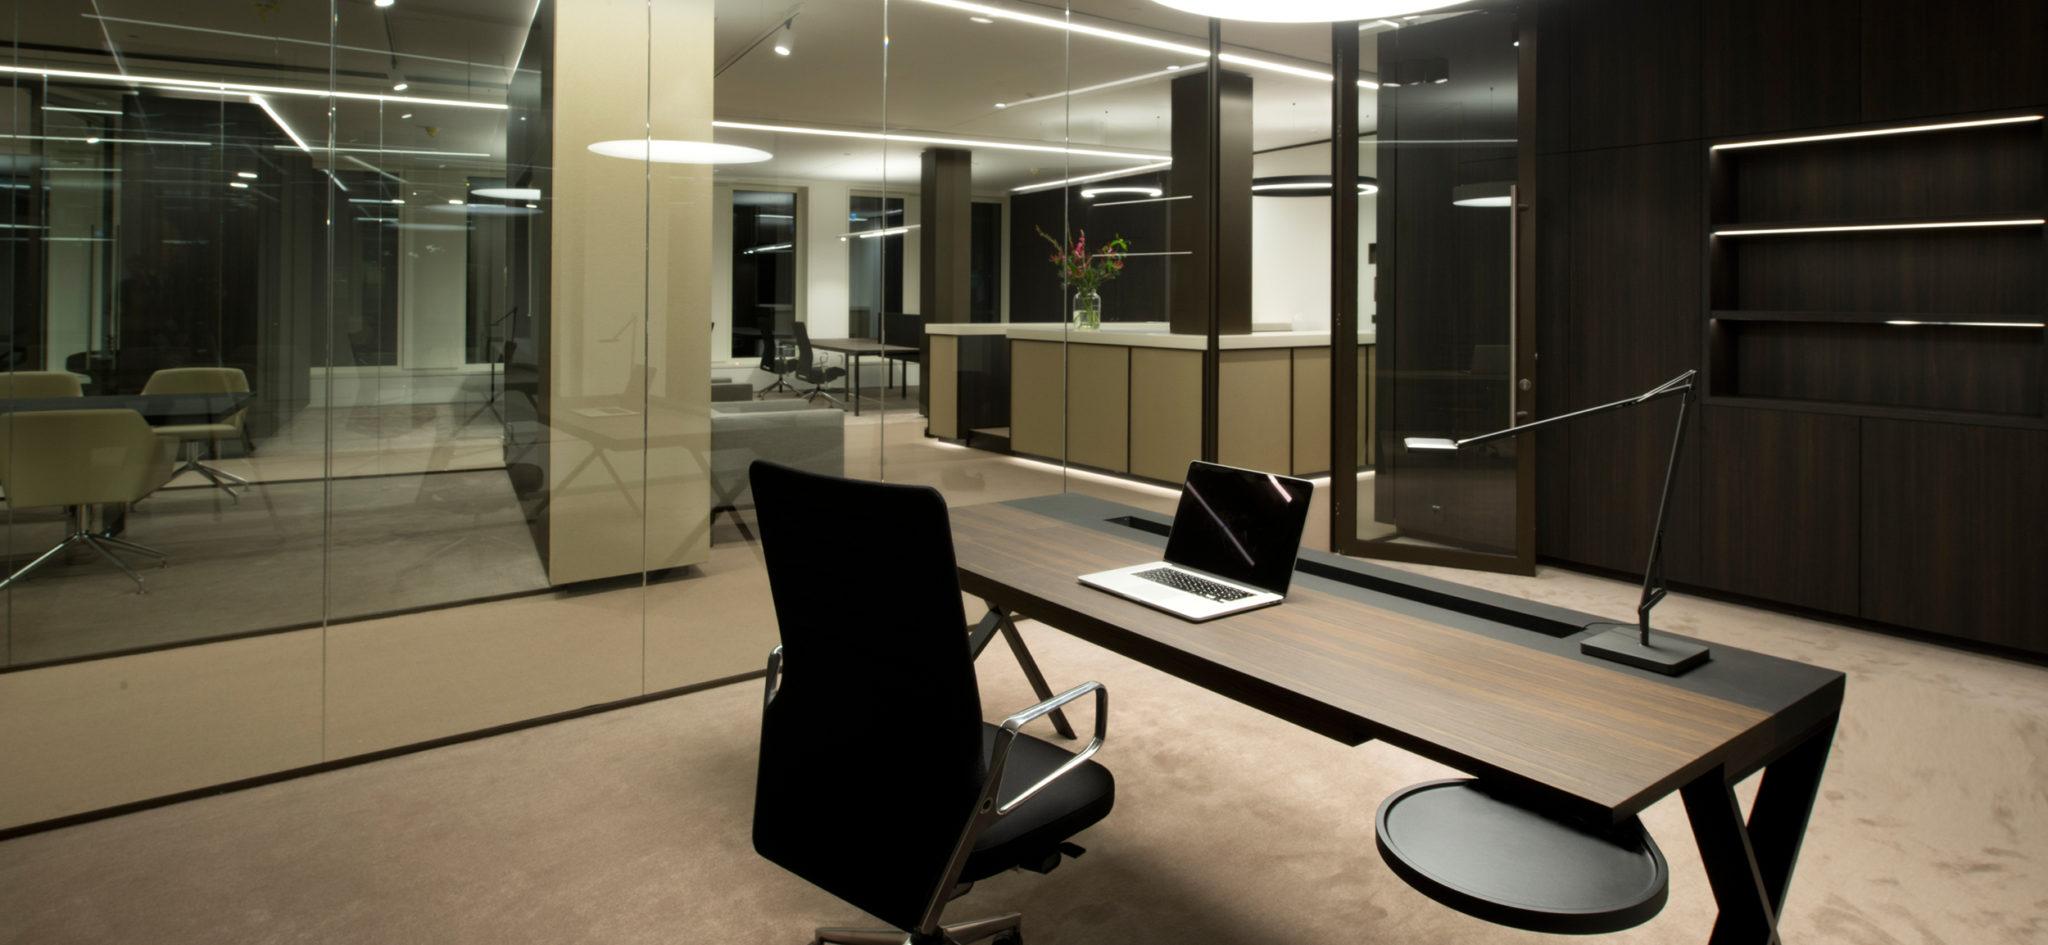 m bel nach ma f r ein b ro in luxemburg von wsb ladenbau. Black Bedroom Furniture Sets. Home Design Ideas